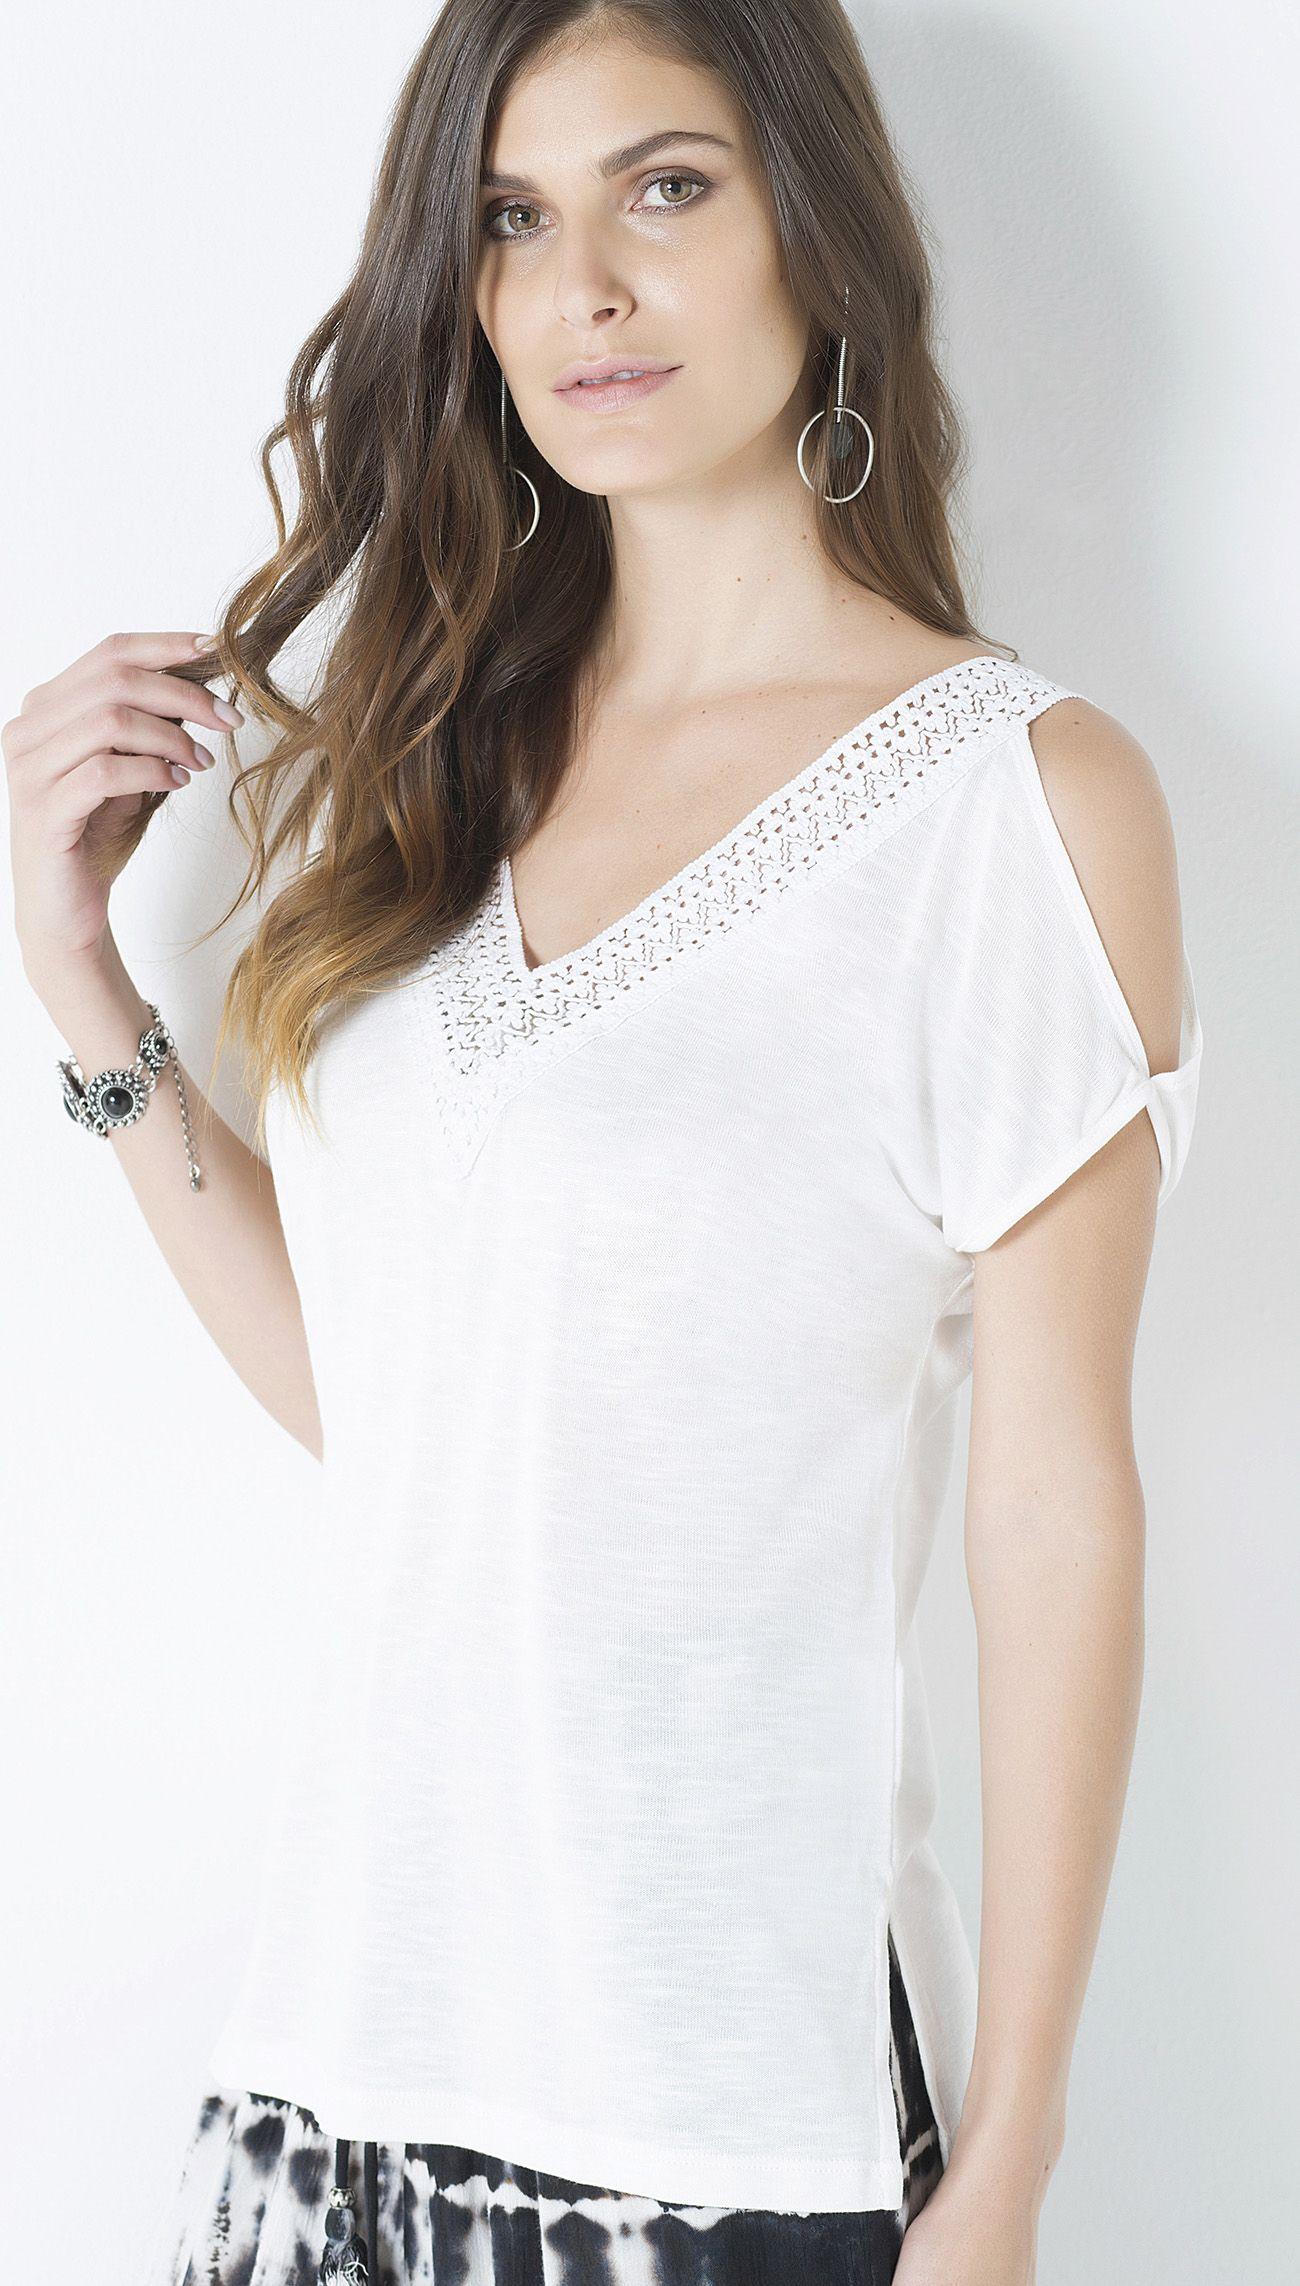 BLUSA MALHA OPEN SHOULDER - Shoulder | blusa | Pinterest | Blusas ...